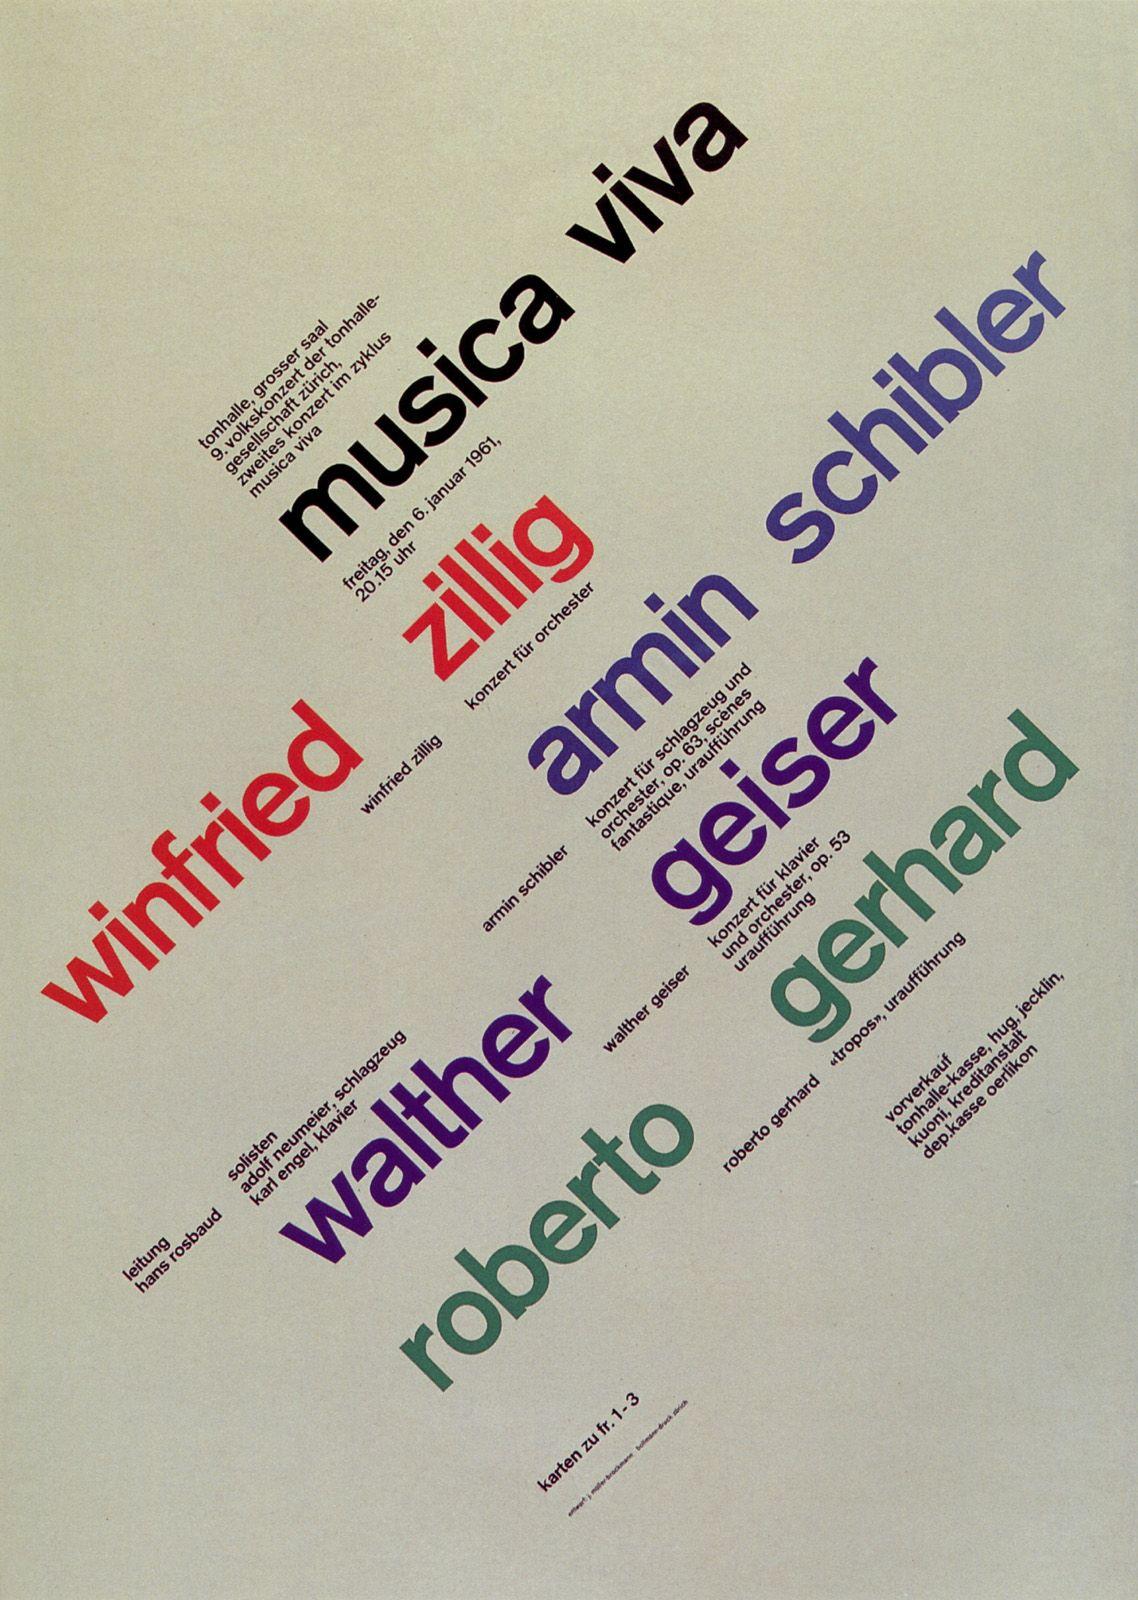 CHAUDRON: Joseph Müller-Brockmann - Musica Viva - Zurich Tonhalle ...